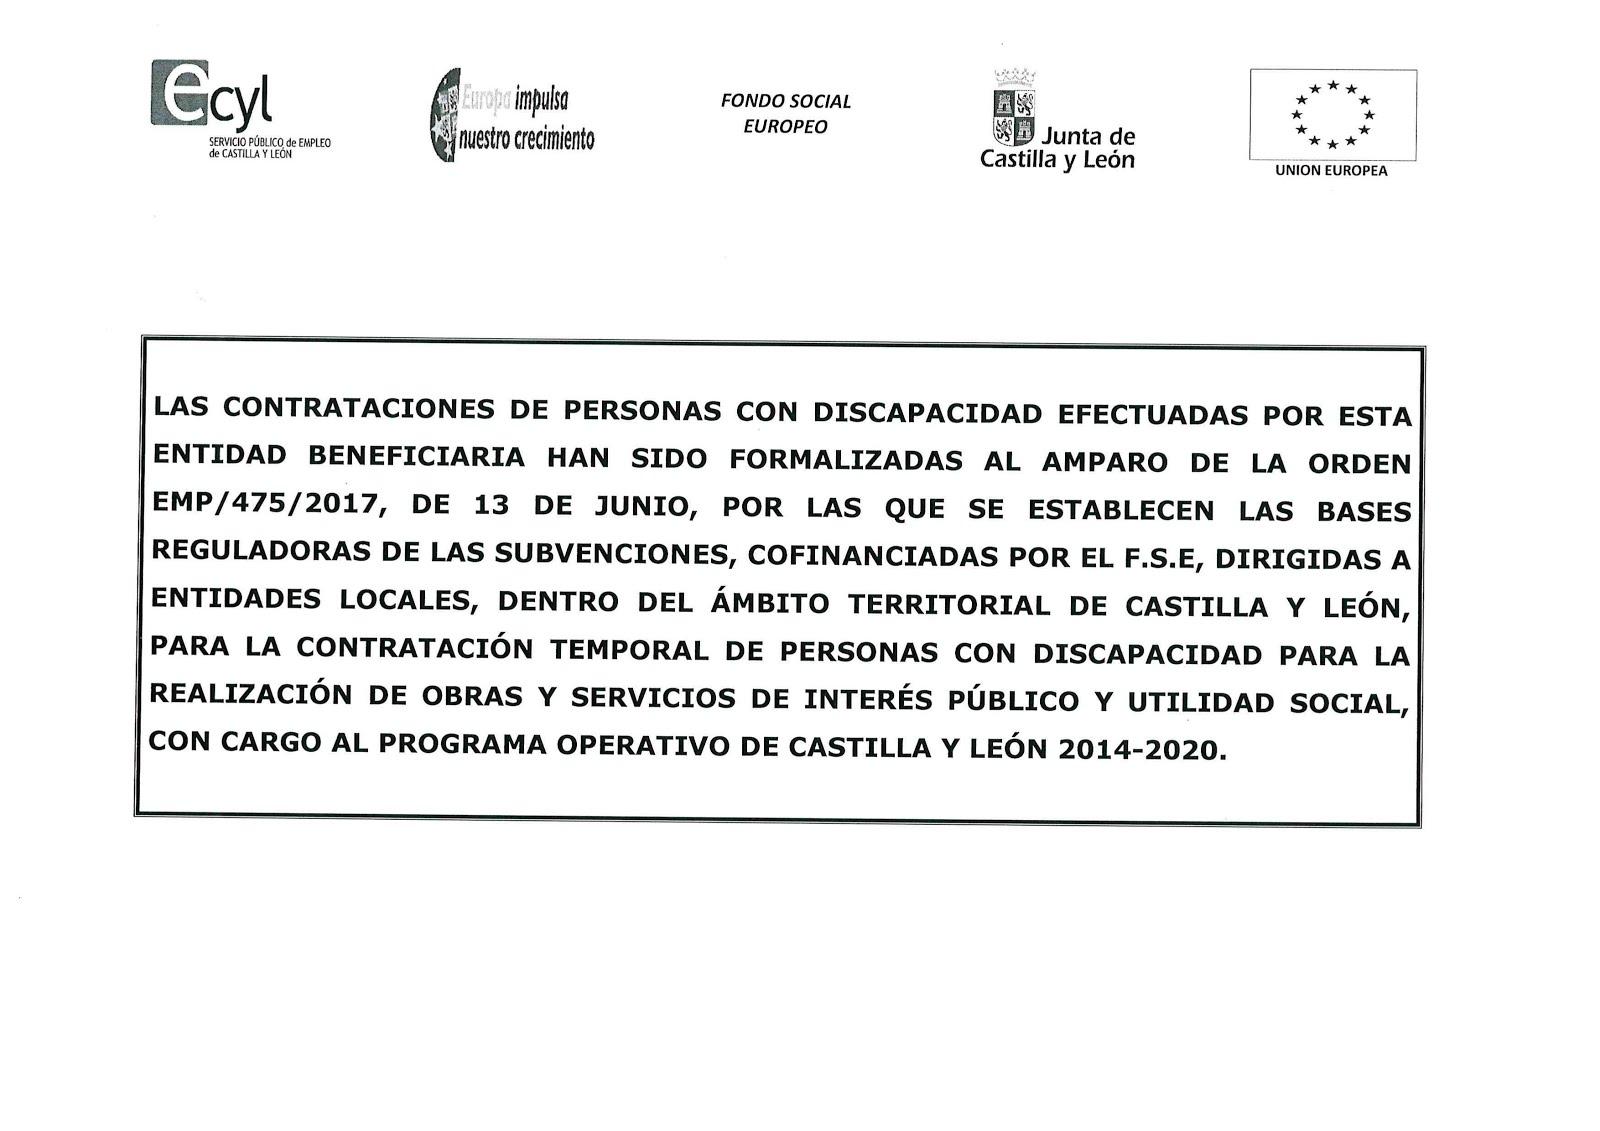 Contrataciones EMP/475/2017